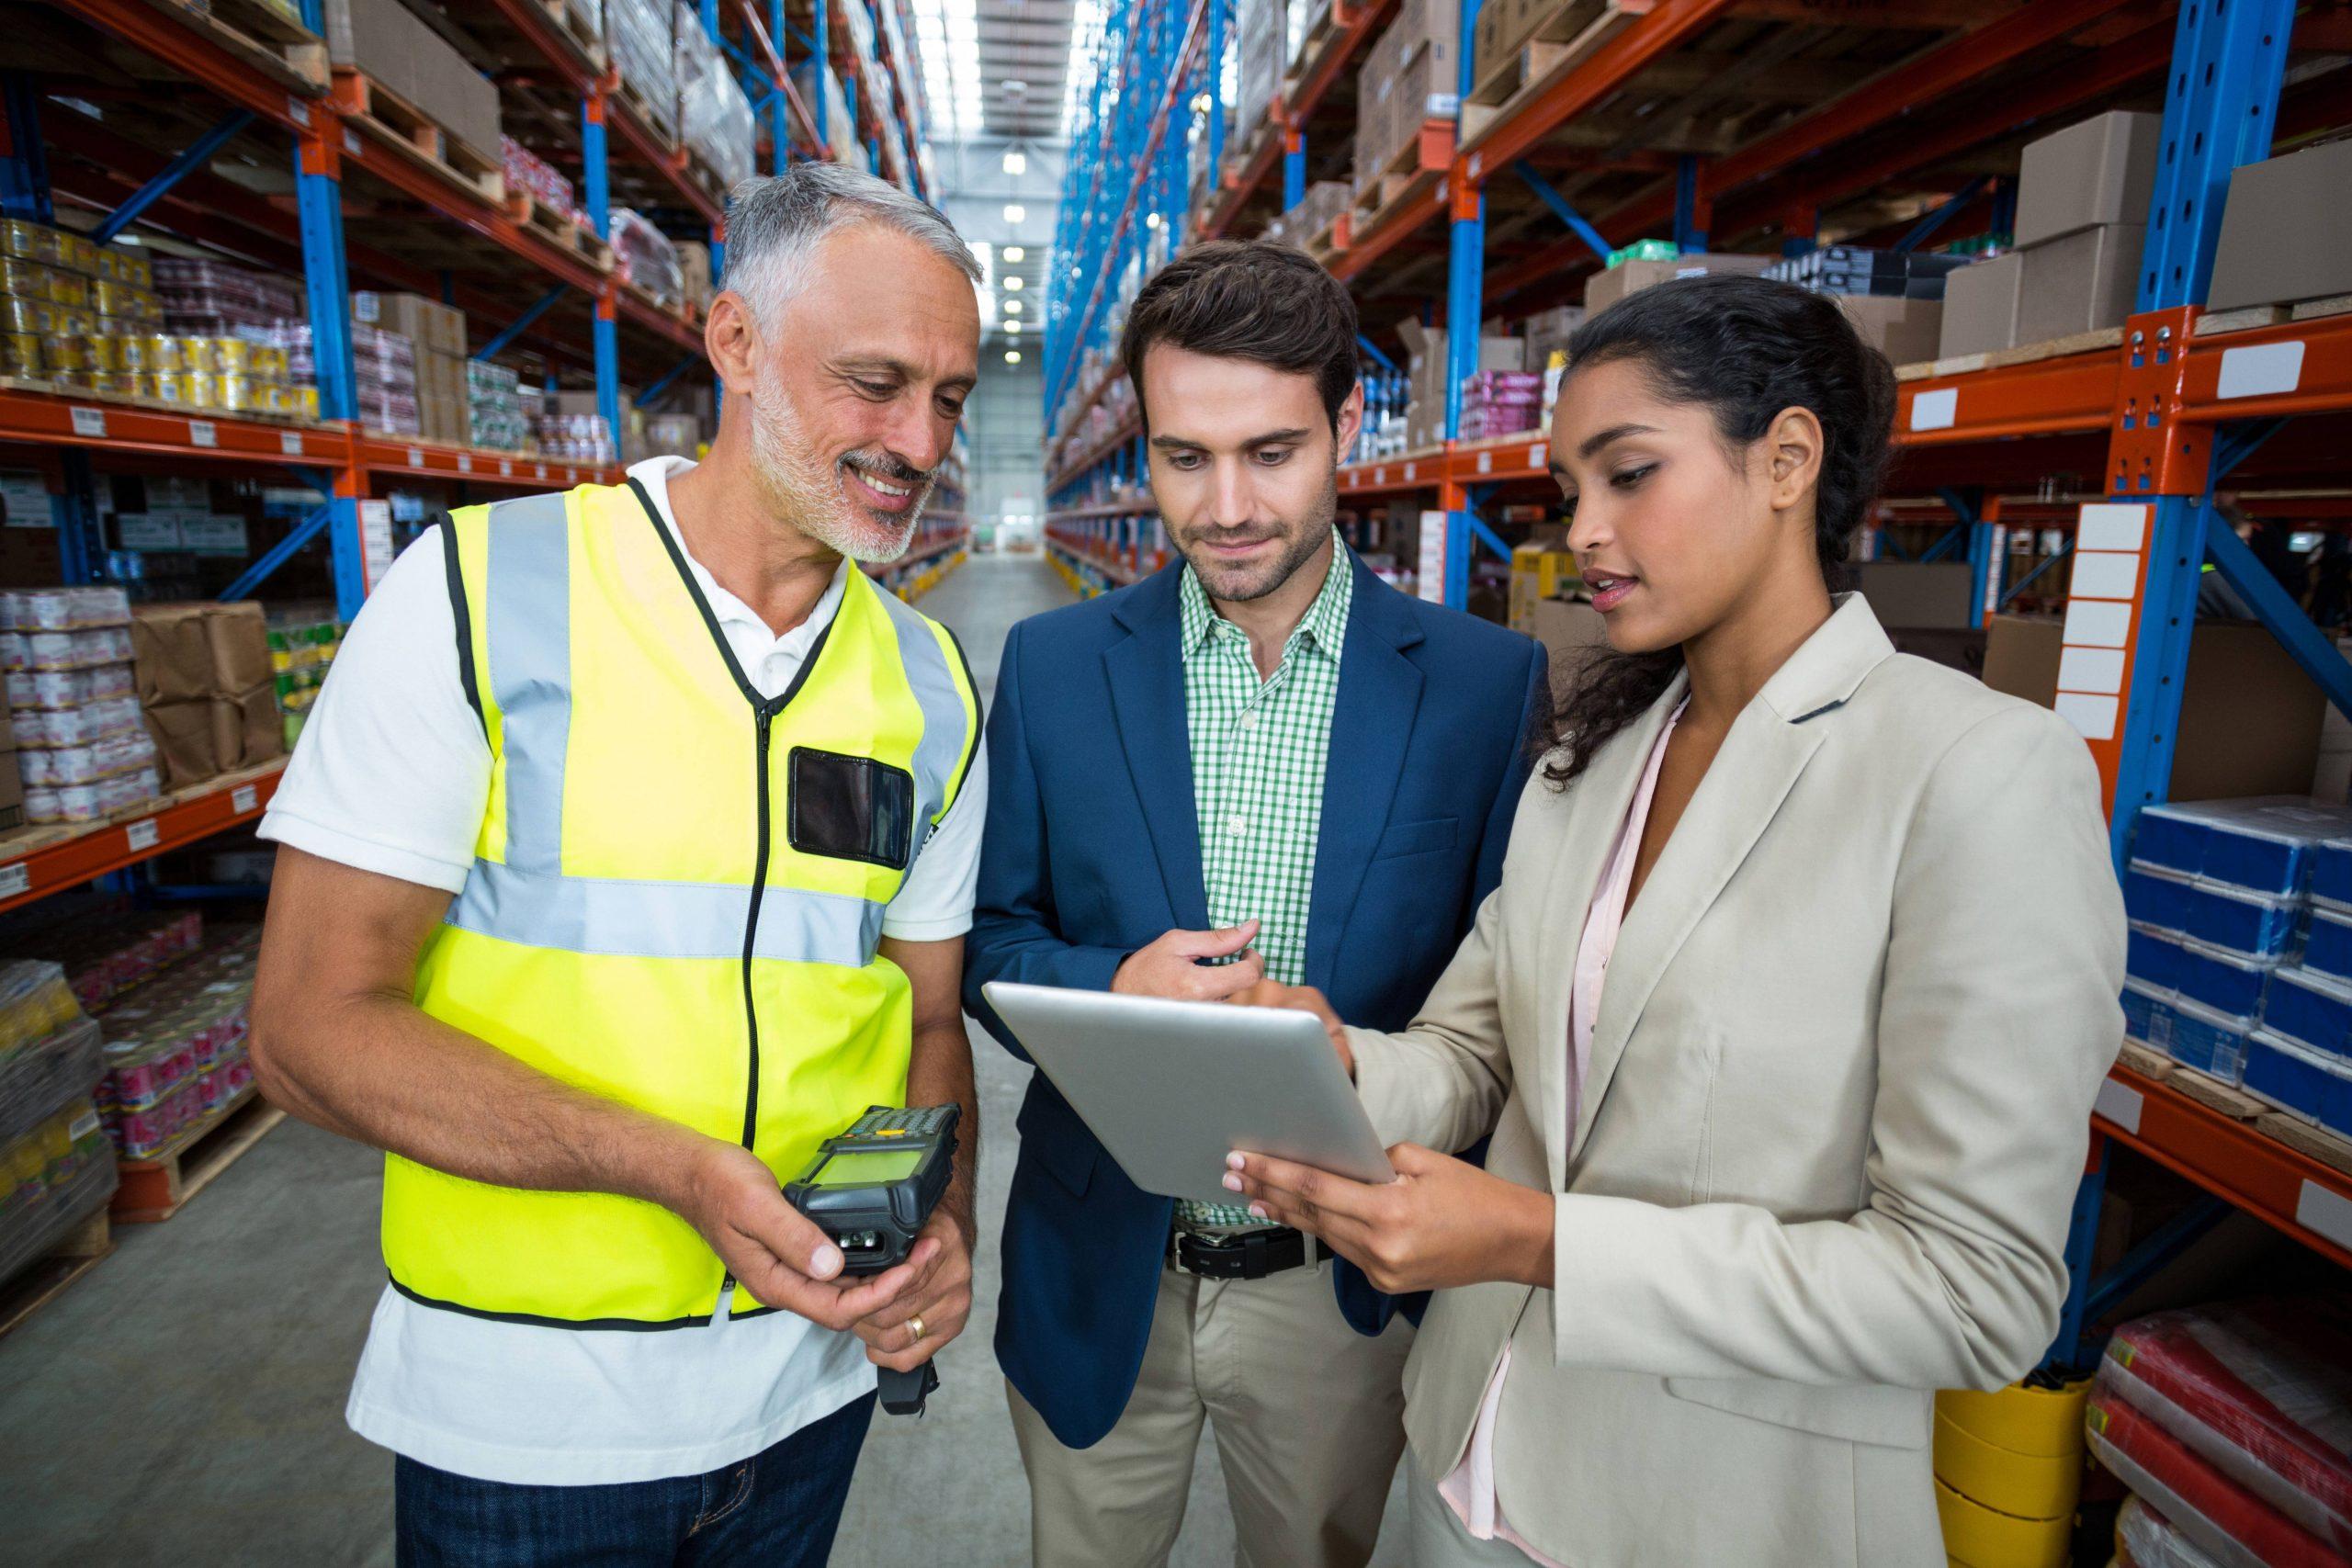 trois personnes qui regardent une tablette dans un entrepôt de marchandises